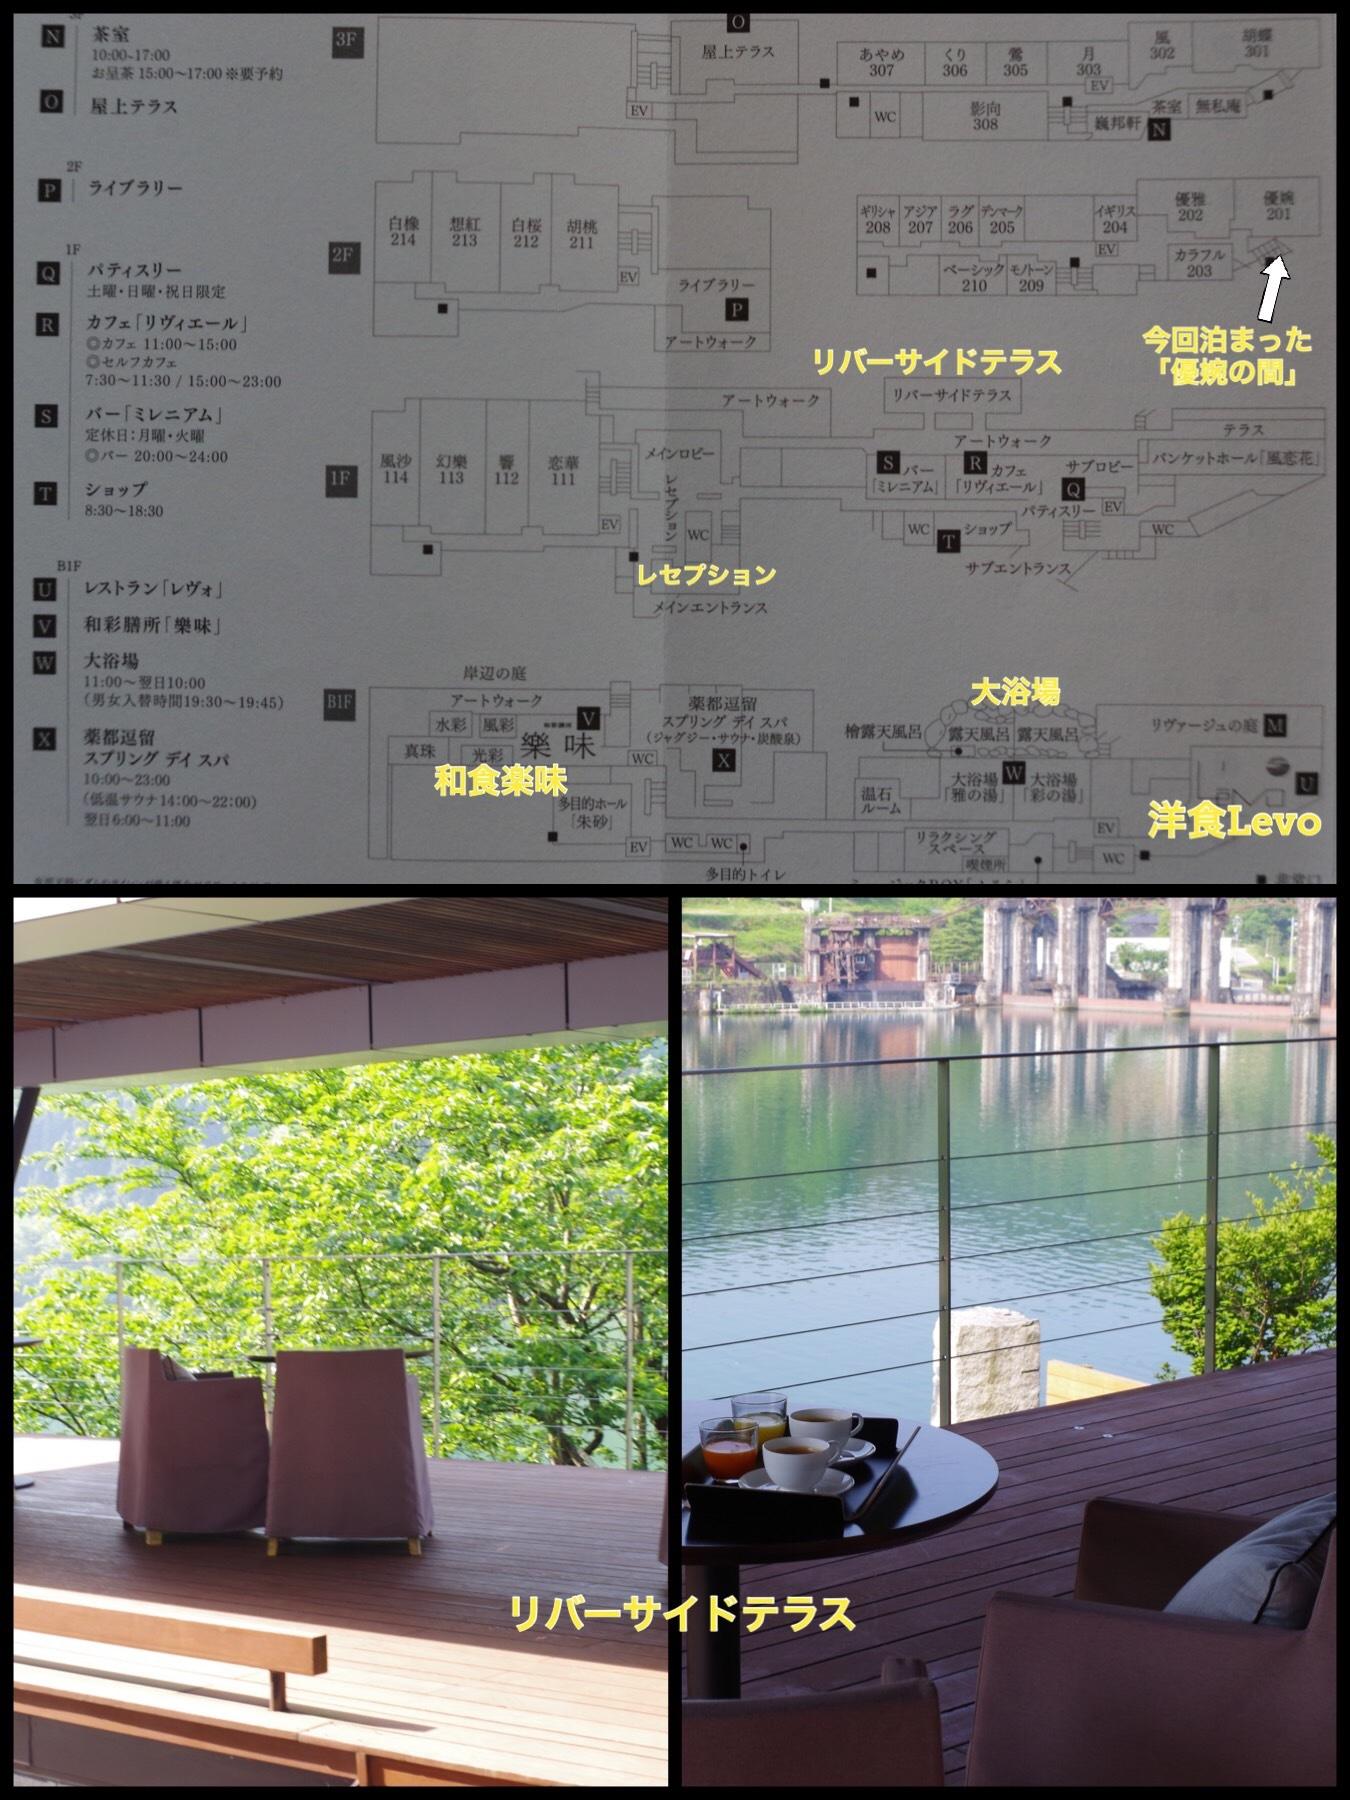 富山 リバーリトリート雅楽倶 館内マップ